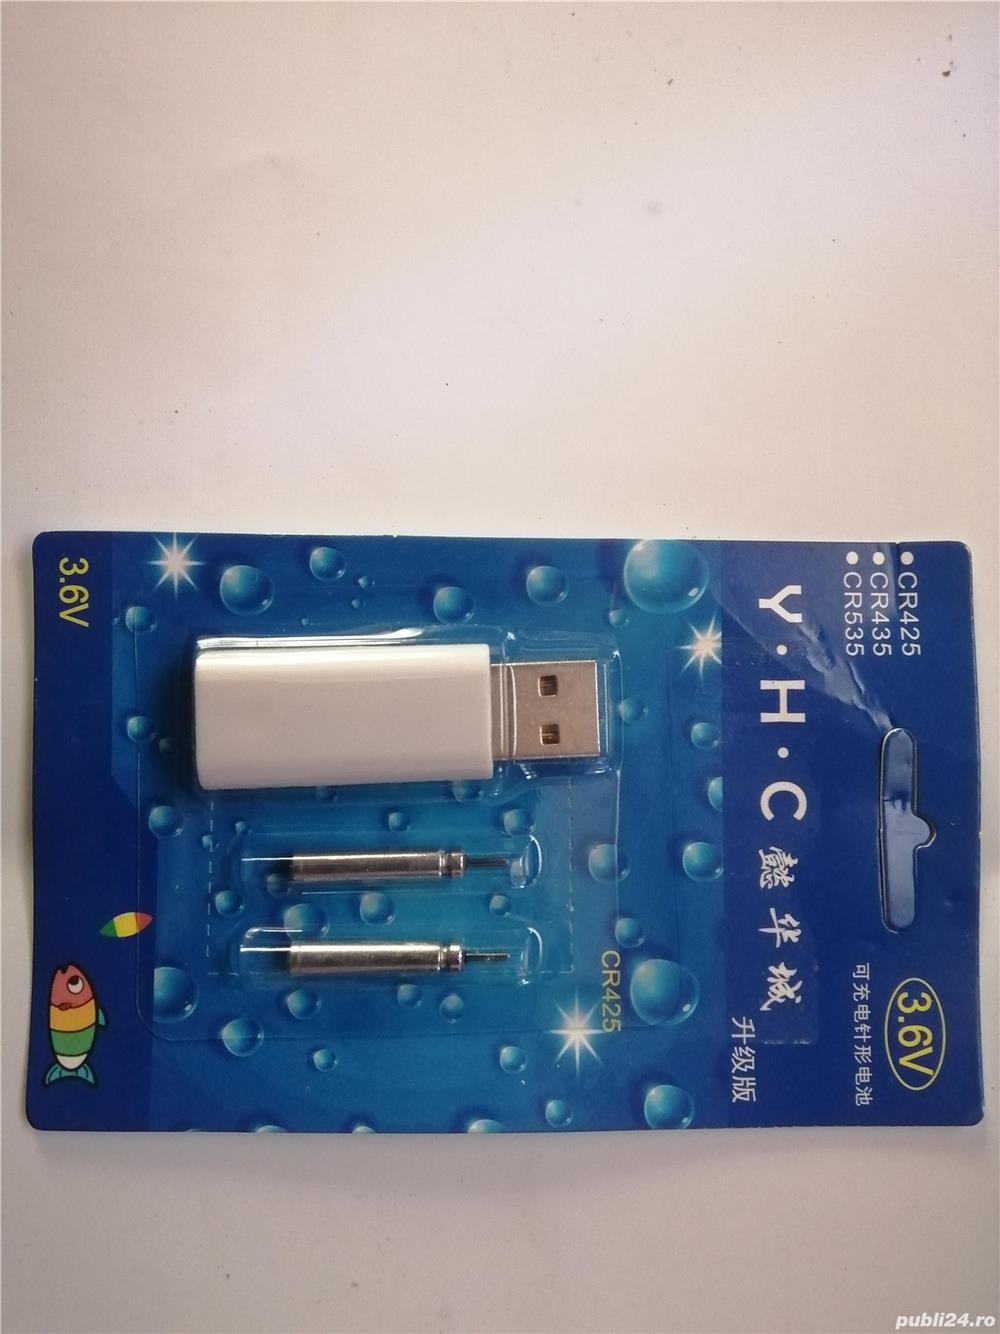 Bateri pentru plute electronice,incarcare USB